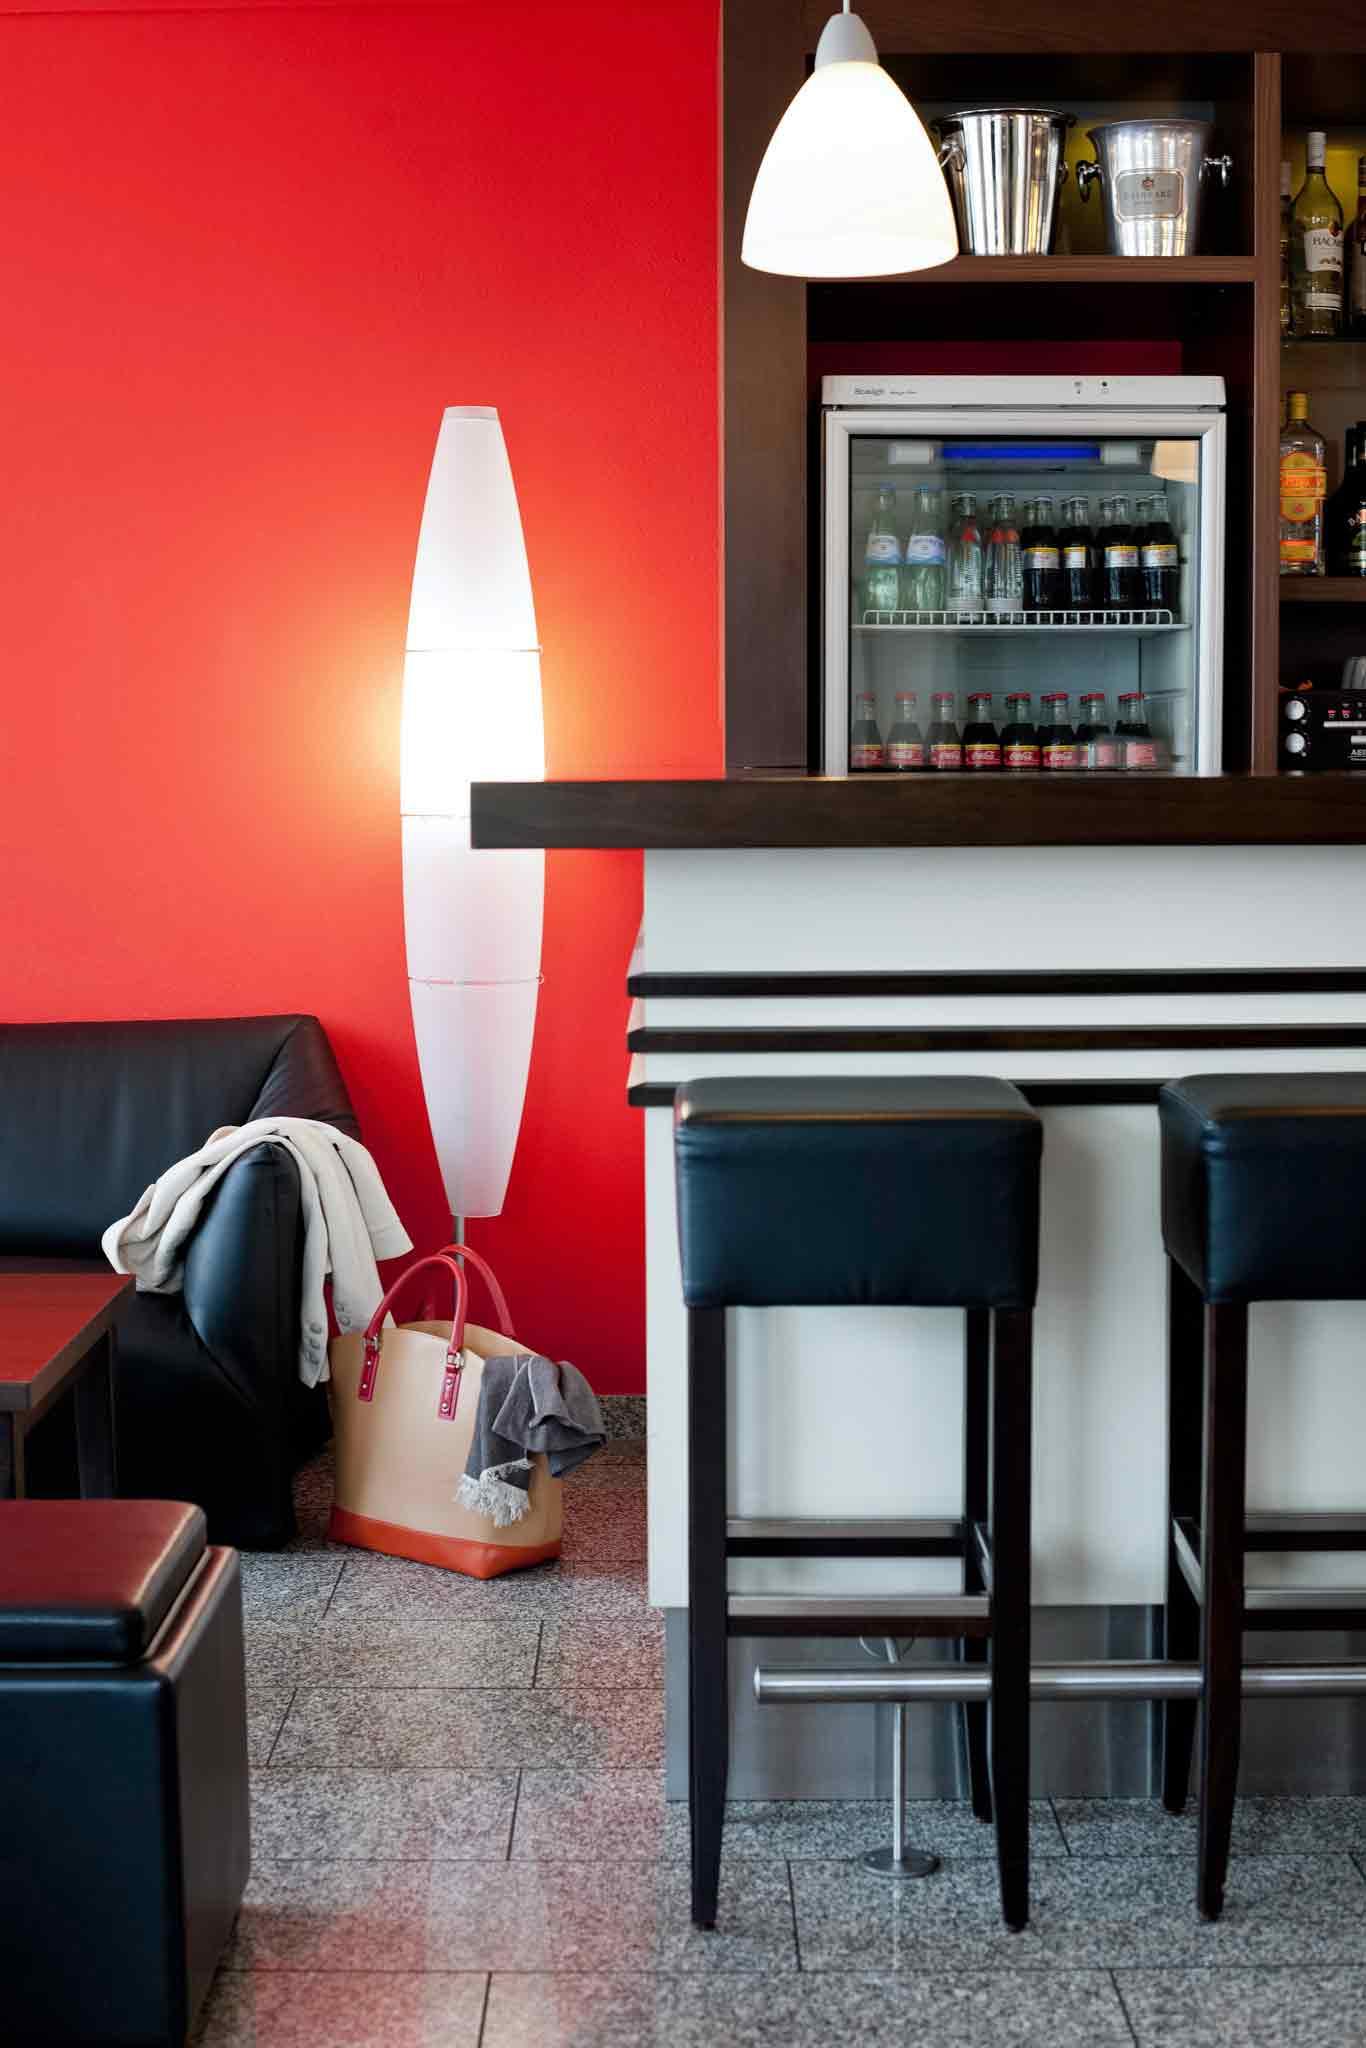 Ibis Hotel Köln Leverkusen Lobby